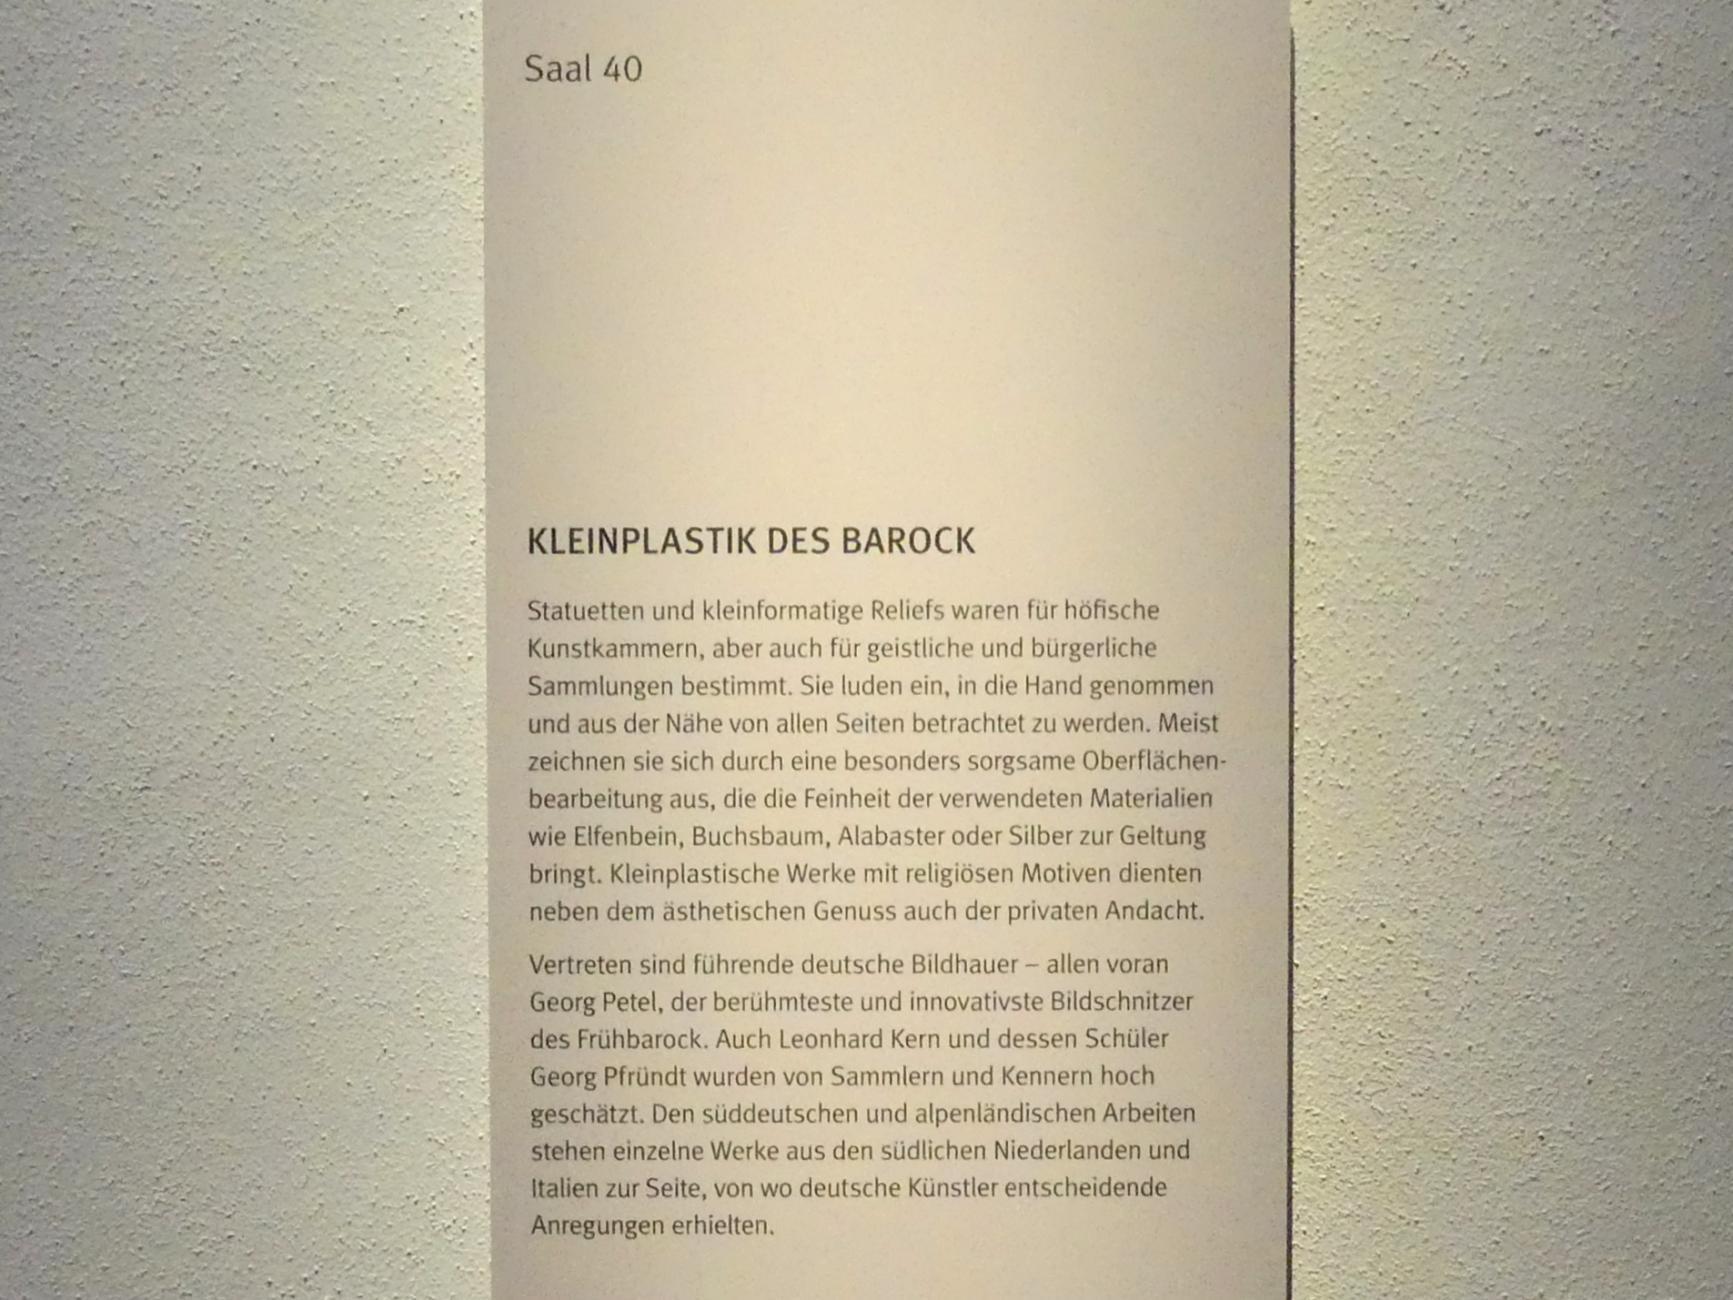 München, Bayerisches Nationalmuseum, Saal 40, Bild 5/5